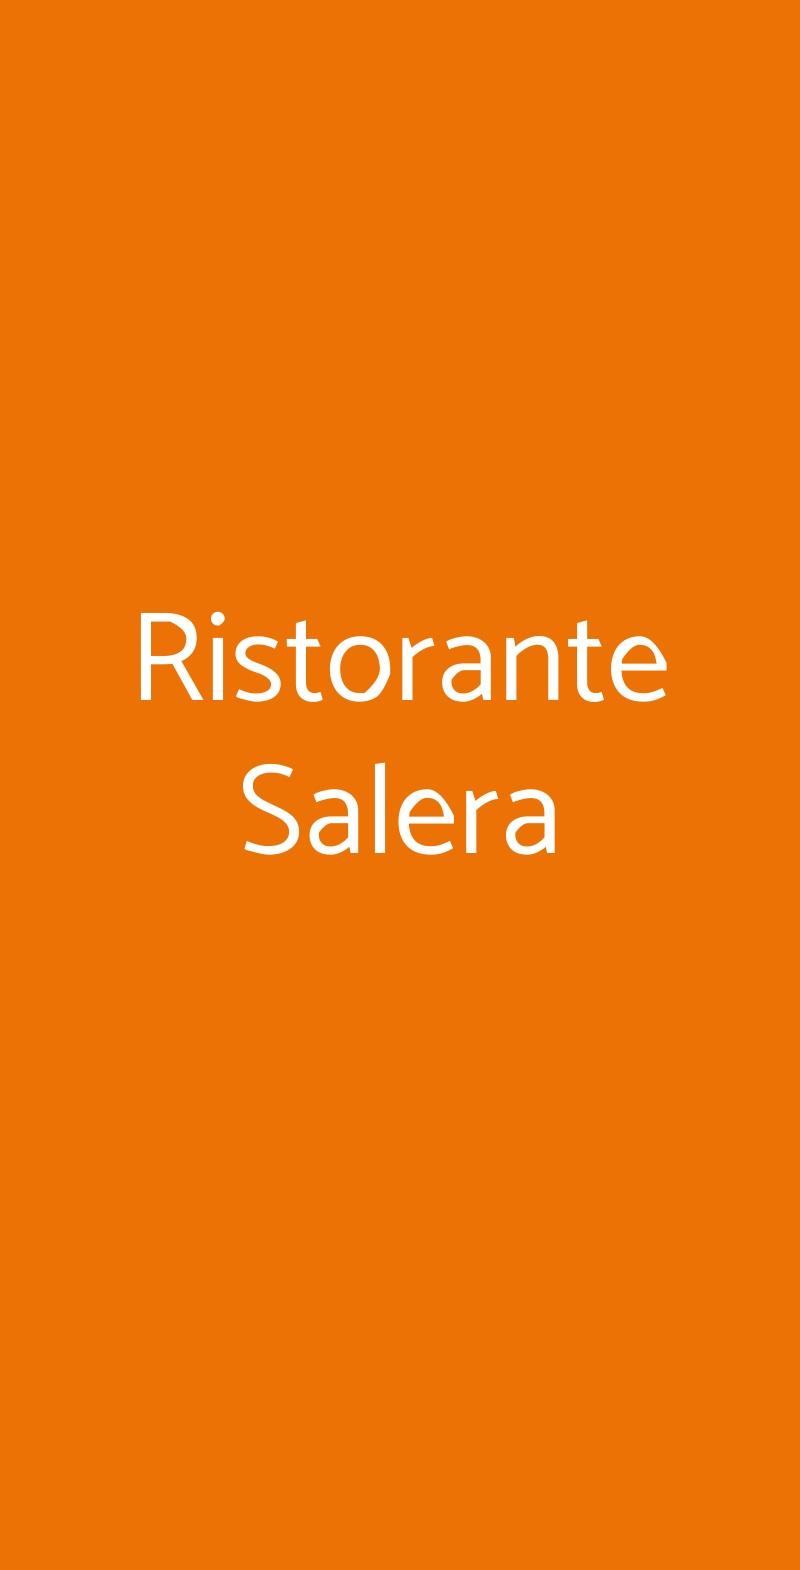 Ristorante Salera Asti menù 1 pagina